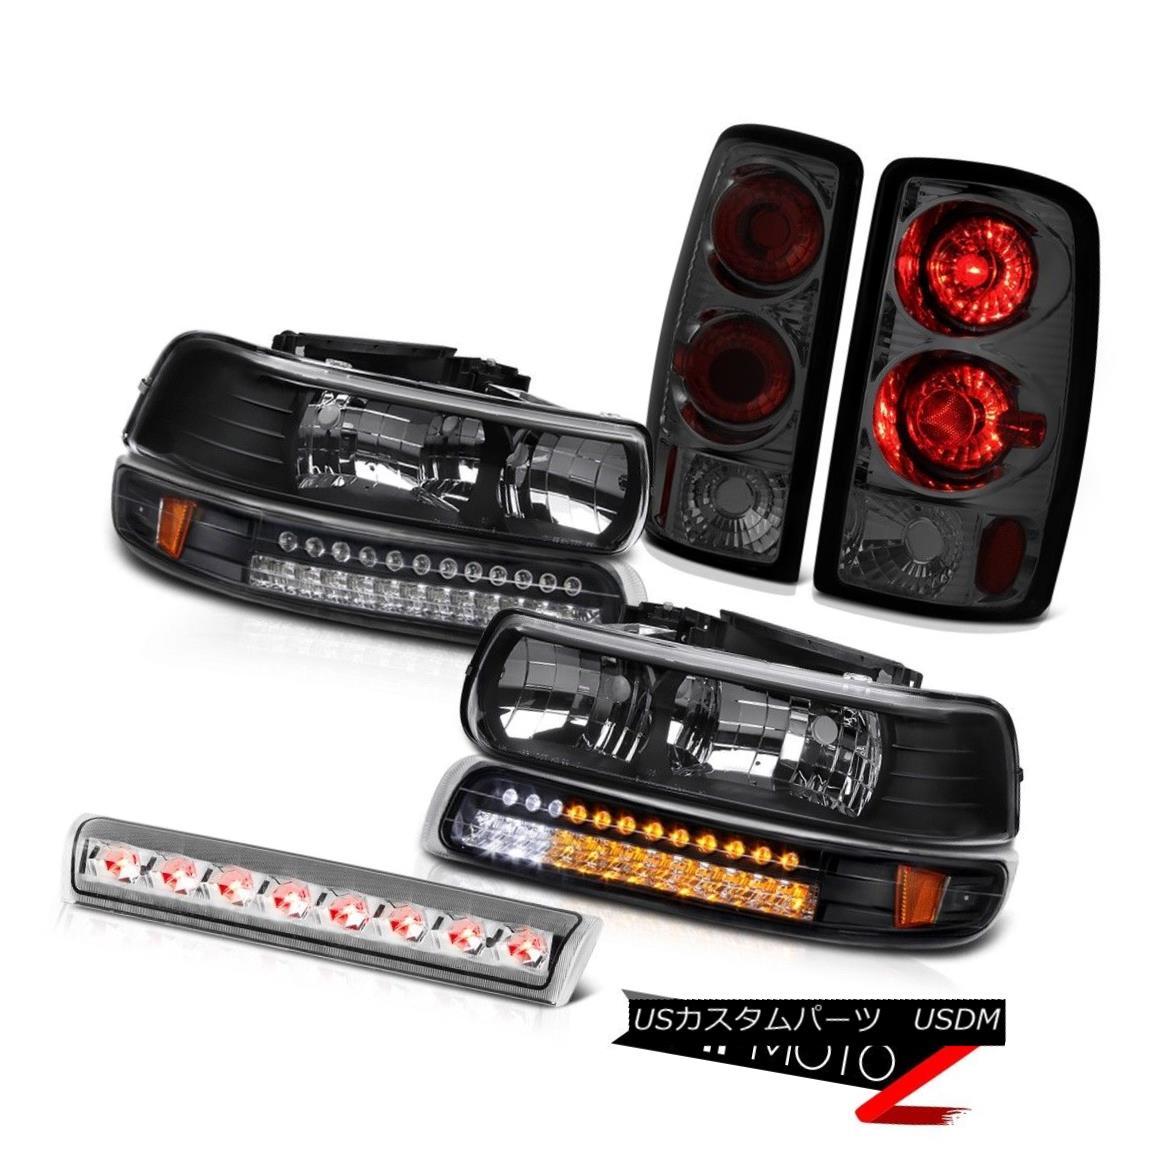 ヘッドライト Clear/Black Headlights SMD Turn Signal Smoke Lamps High Cargo LED 00-06 Tahoe LT クリア/ブラックヘッドライトSMDターンシグナルスモークランプハイカーゴLED 00-06 Tahoe LT